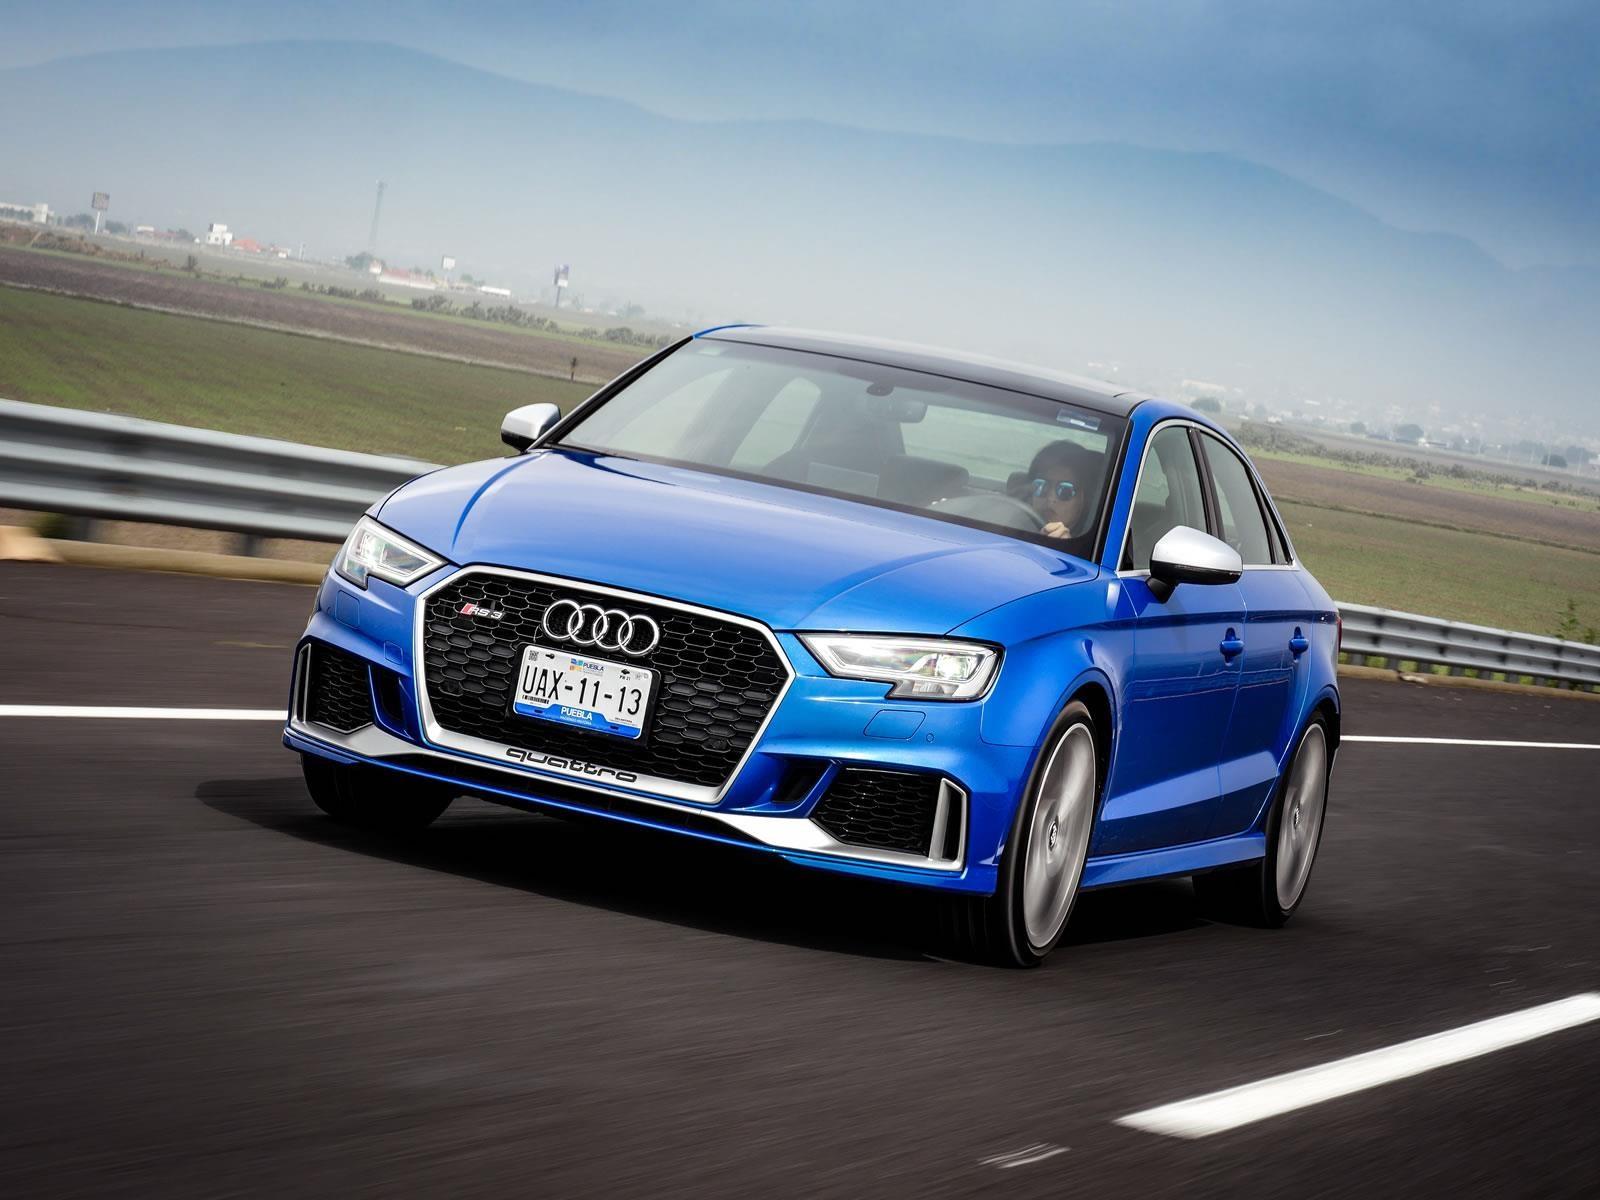 Manejamos el Audi RS3 Sedán 2018